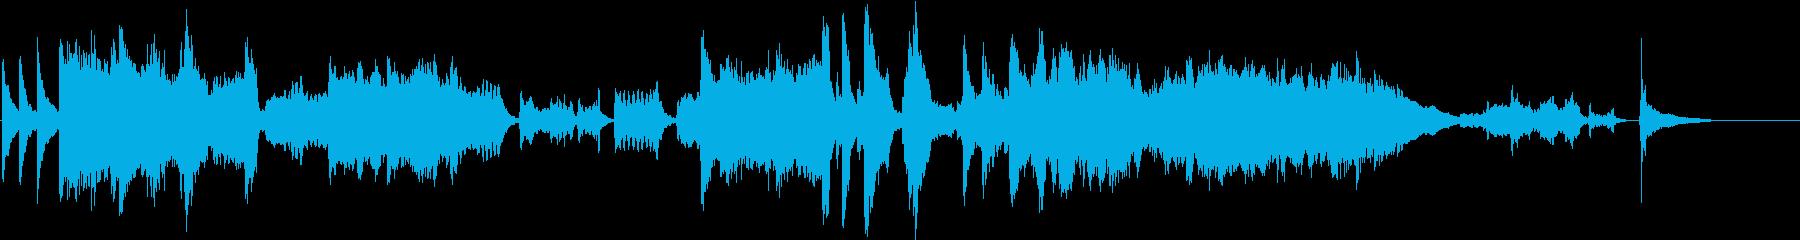 ツィゴイネルワイゼン/バイオリン生演奏の再生済みの波形